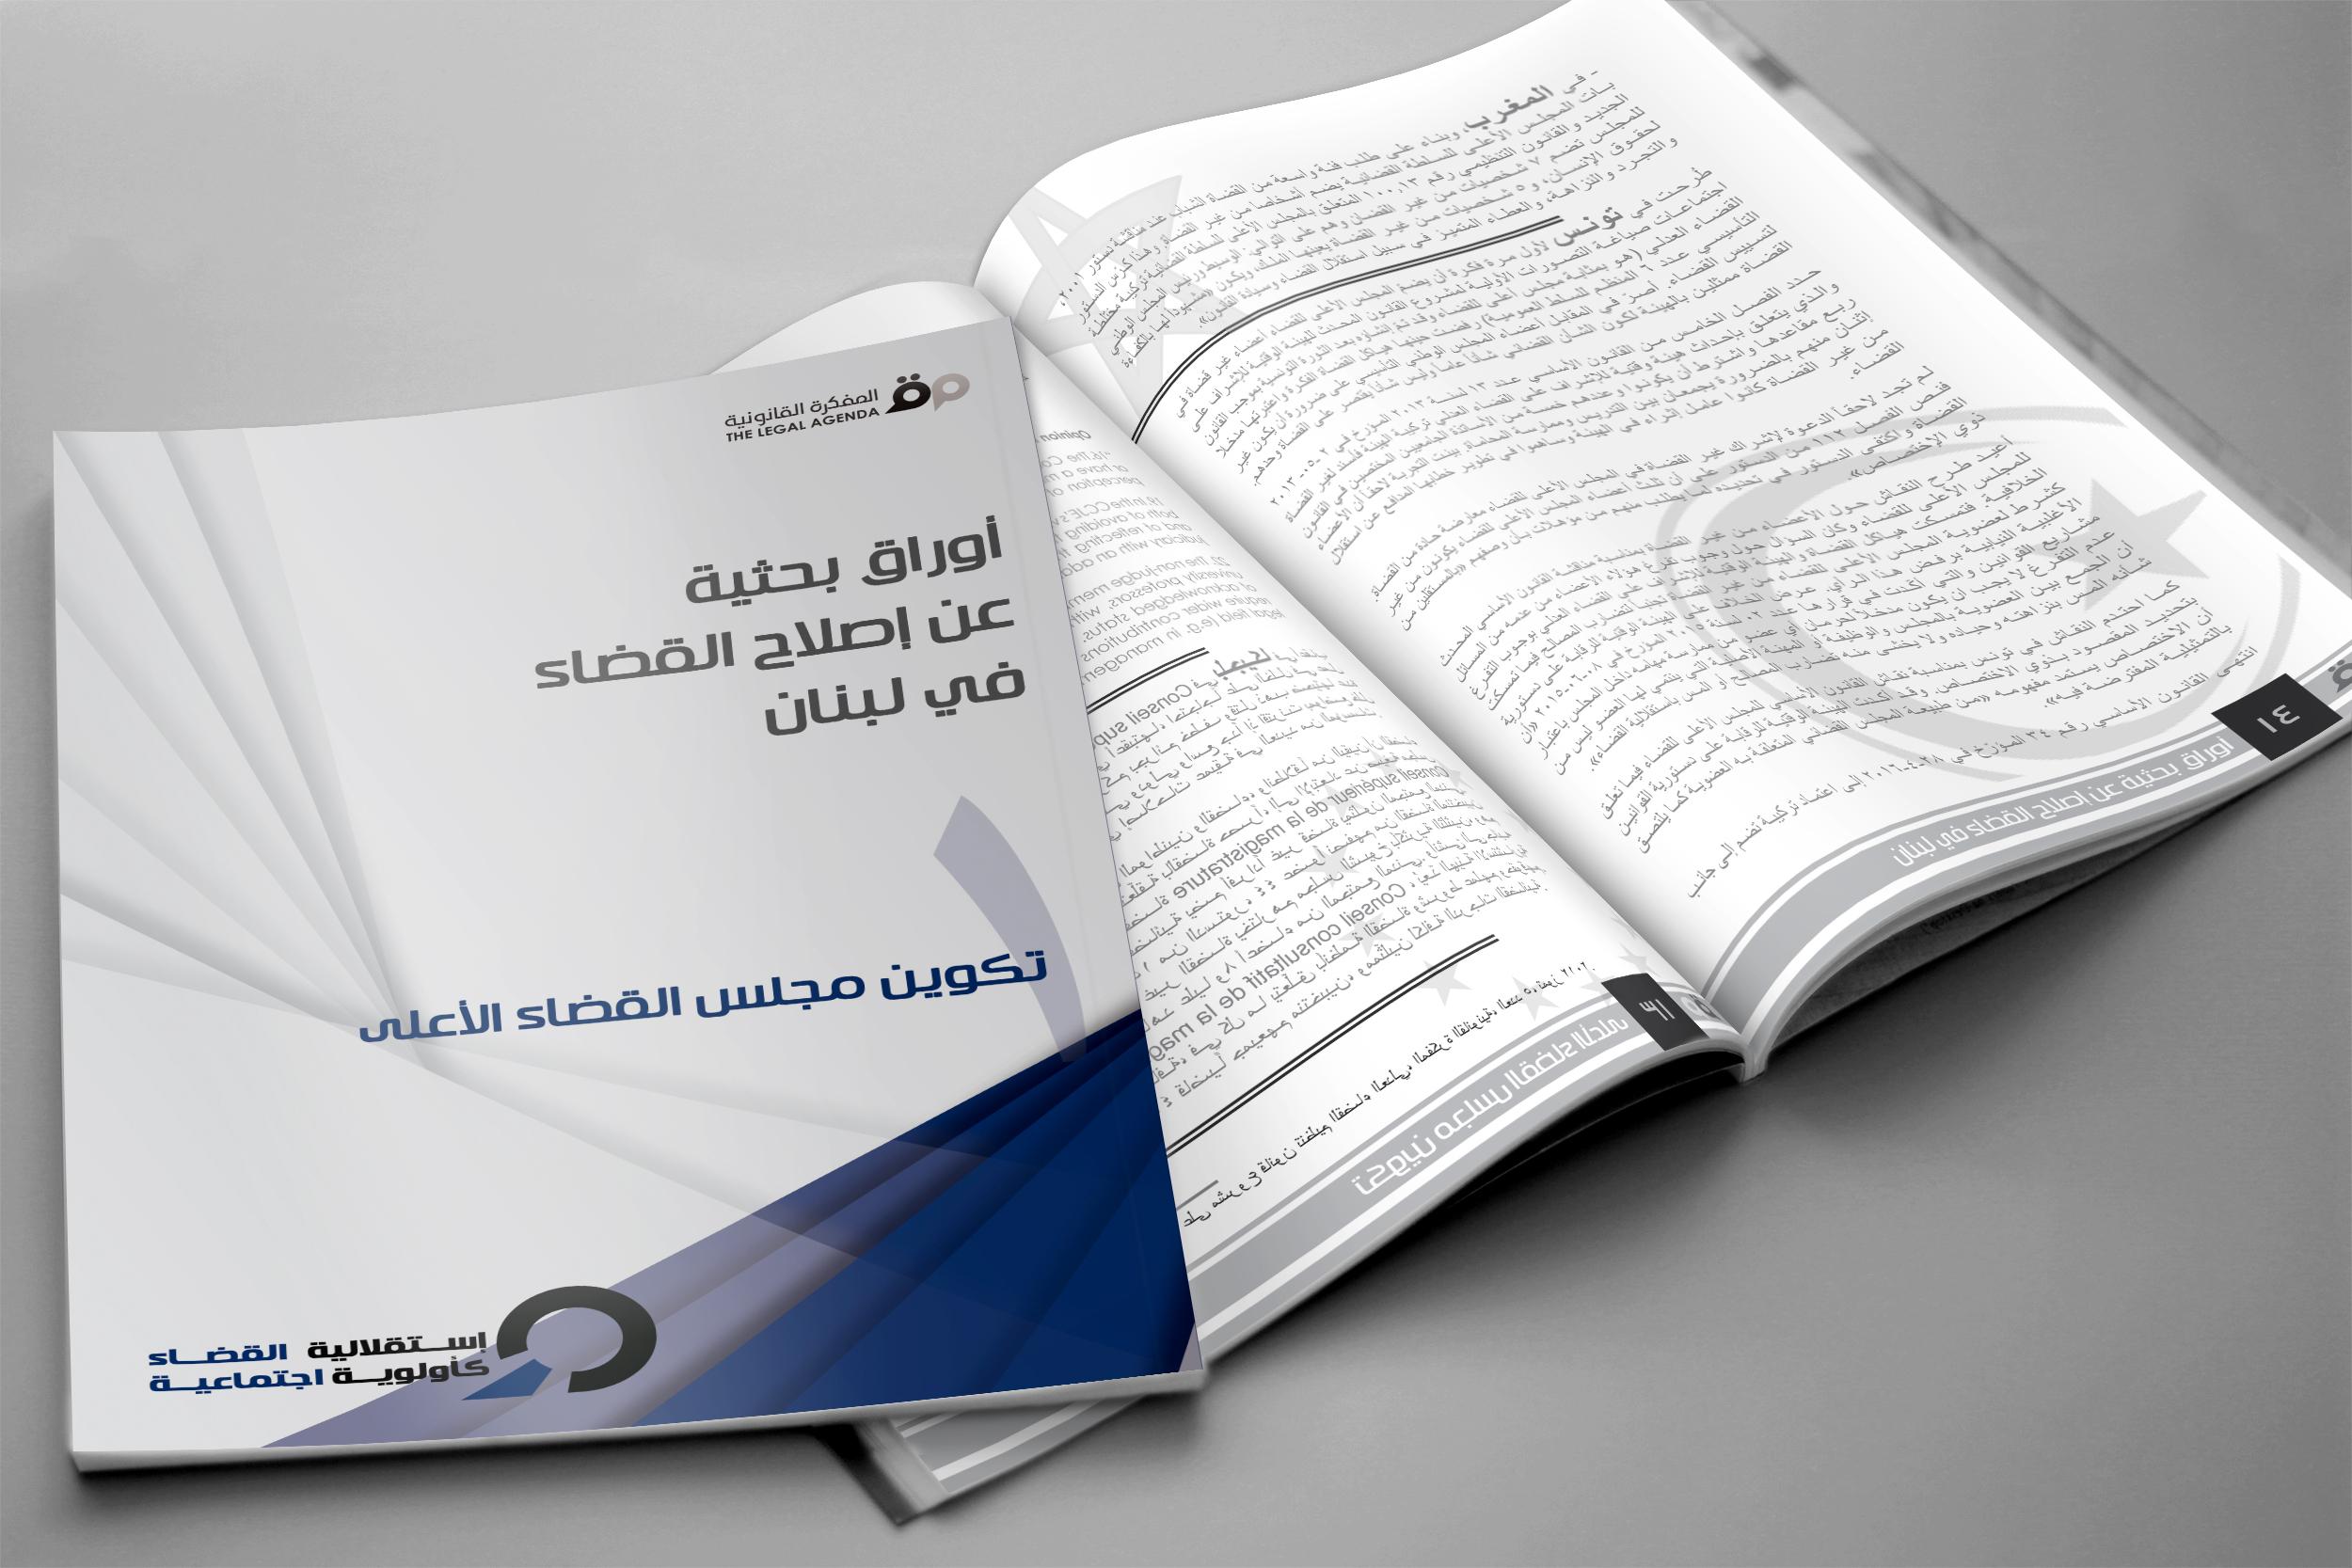 المفكرة تنشر ورقتها البحثية ال 1 حول إصلاح القضاء في لبنان: تكوين مجلس القضاء الأعلى